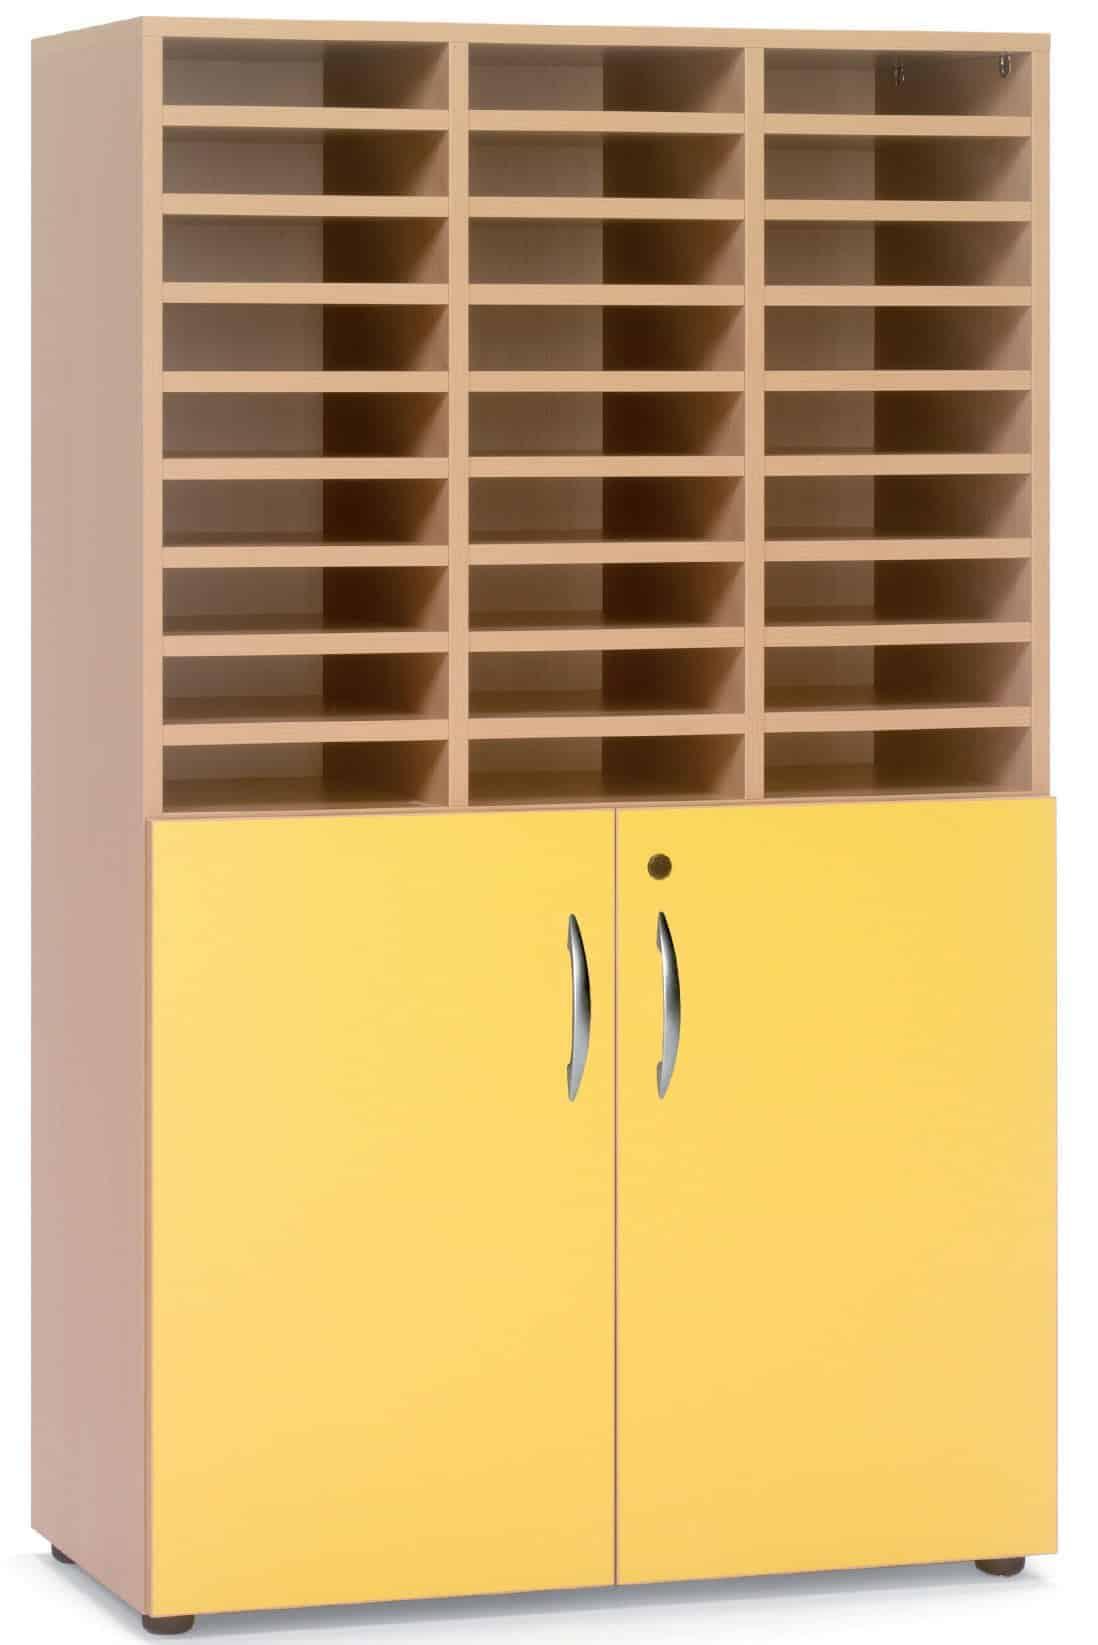 Armario-casillero mediano 2 puertas bajas, 29 huecos (27+2)